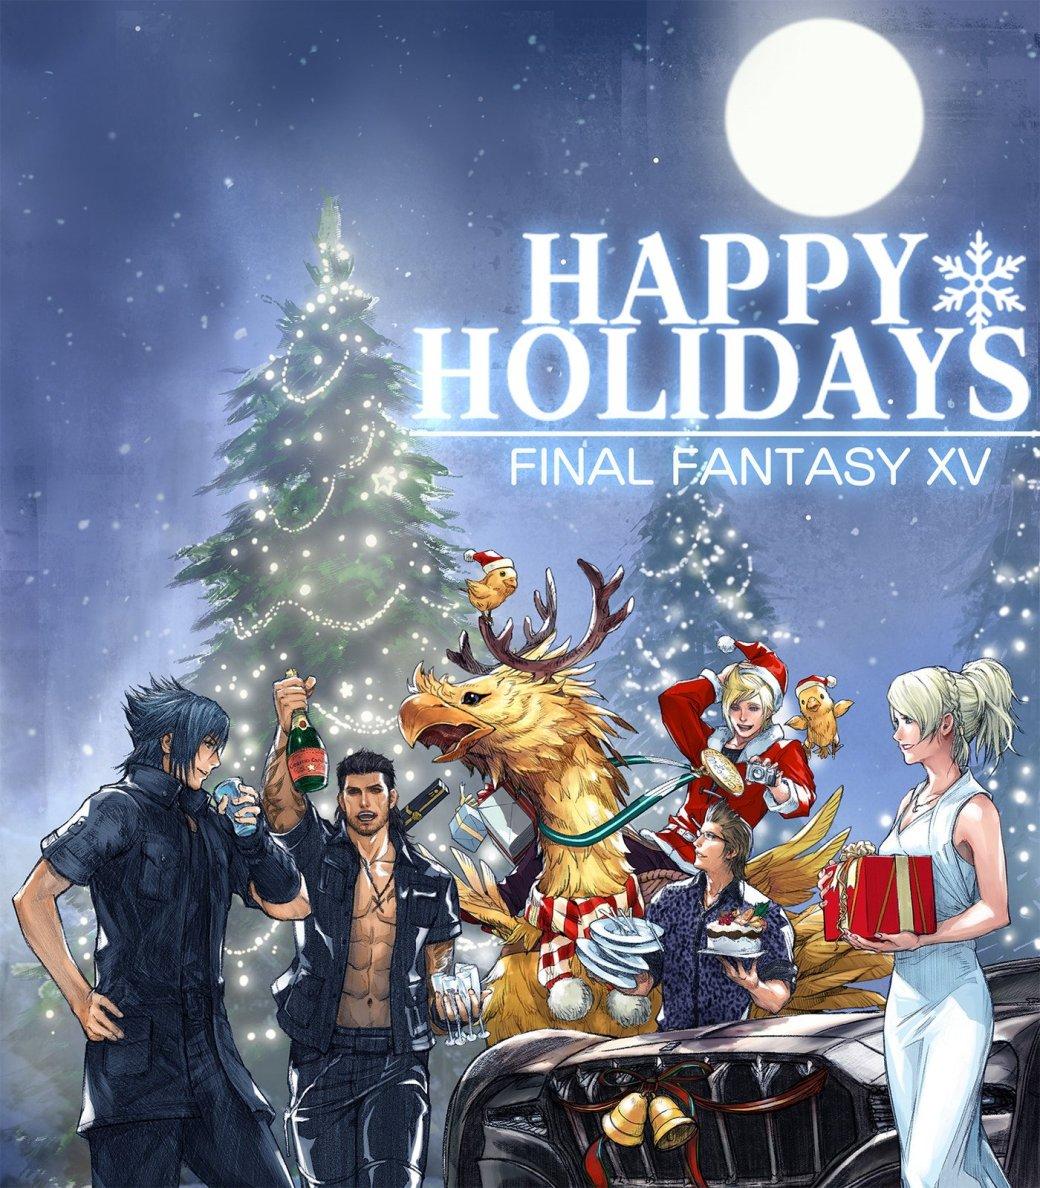 С праздниками! Разработчики поздравляют с Новым годом и Рождеством - Изображение 8